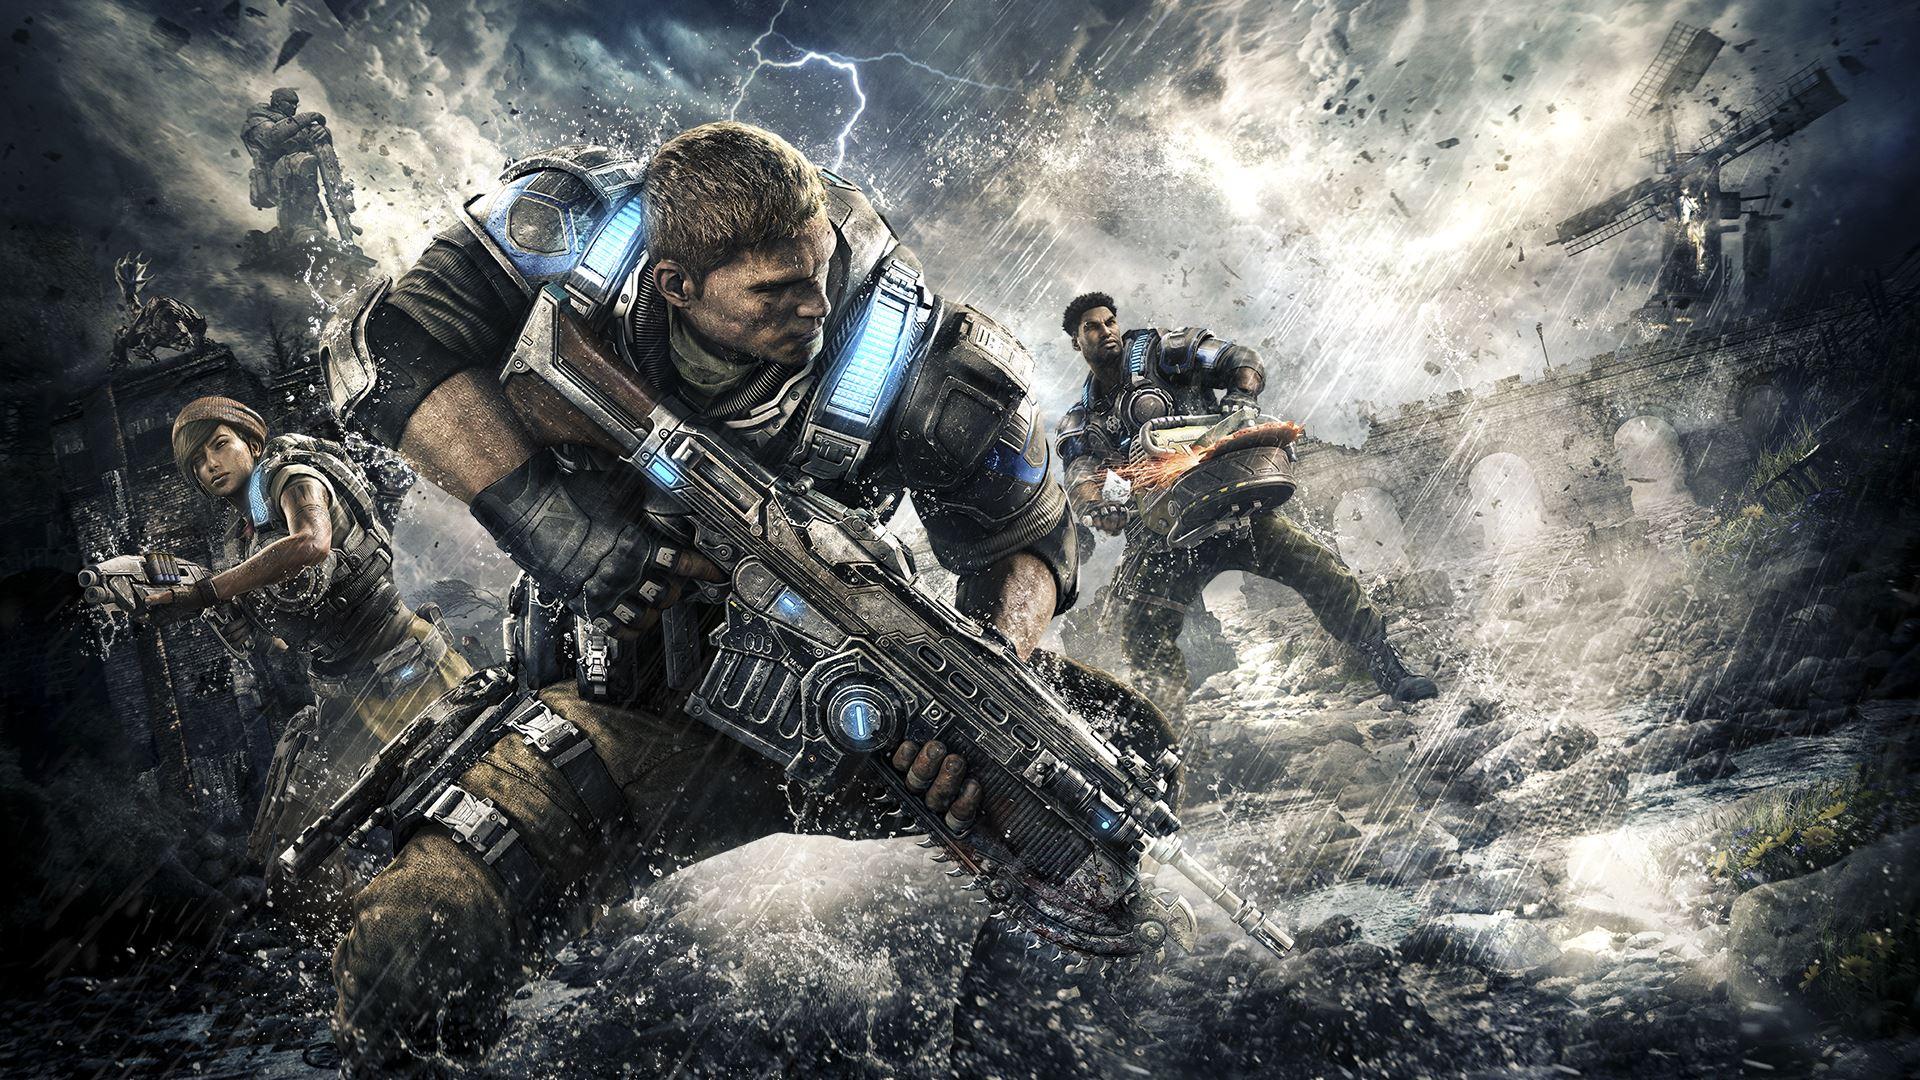 Conoce a los nuevos personajes de Gears of War 4